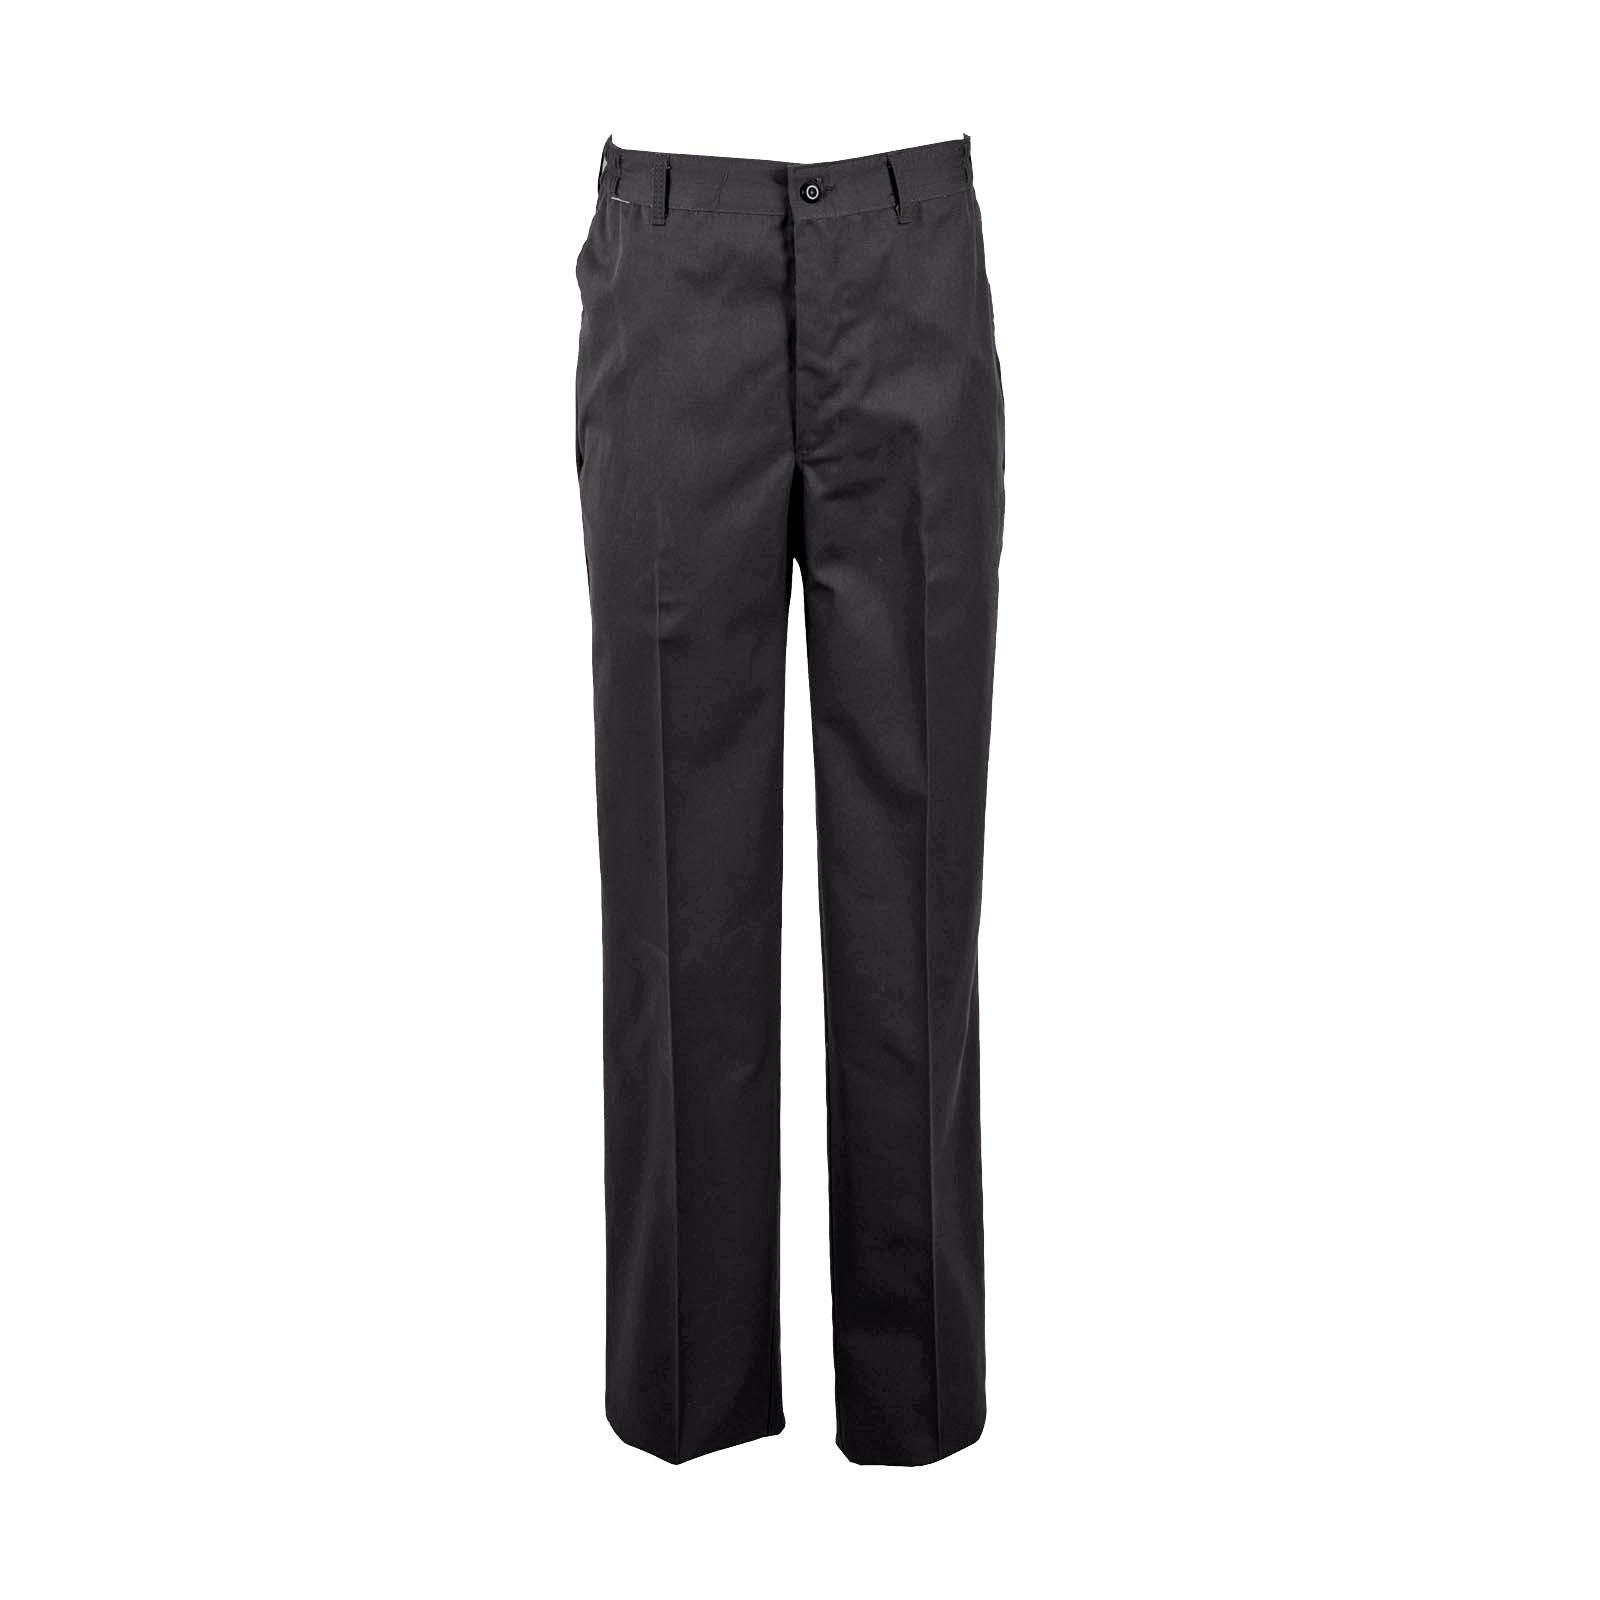 65/35 Men's Comfort Fit Industrial Flex-Waist Work Pant-Pinnacle WorX